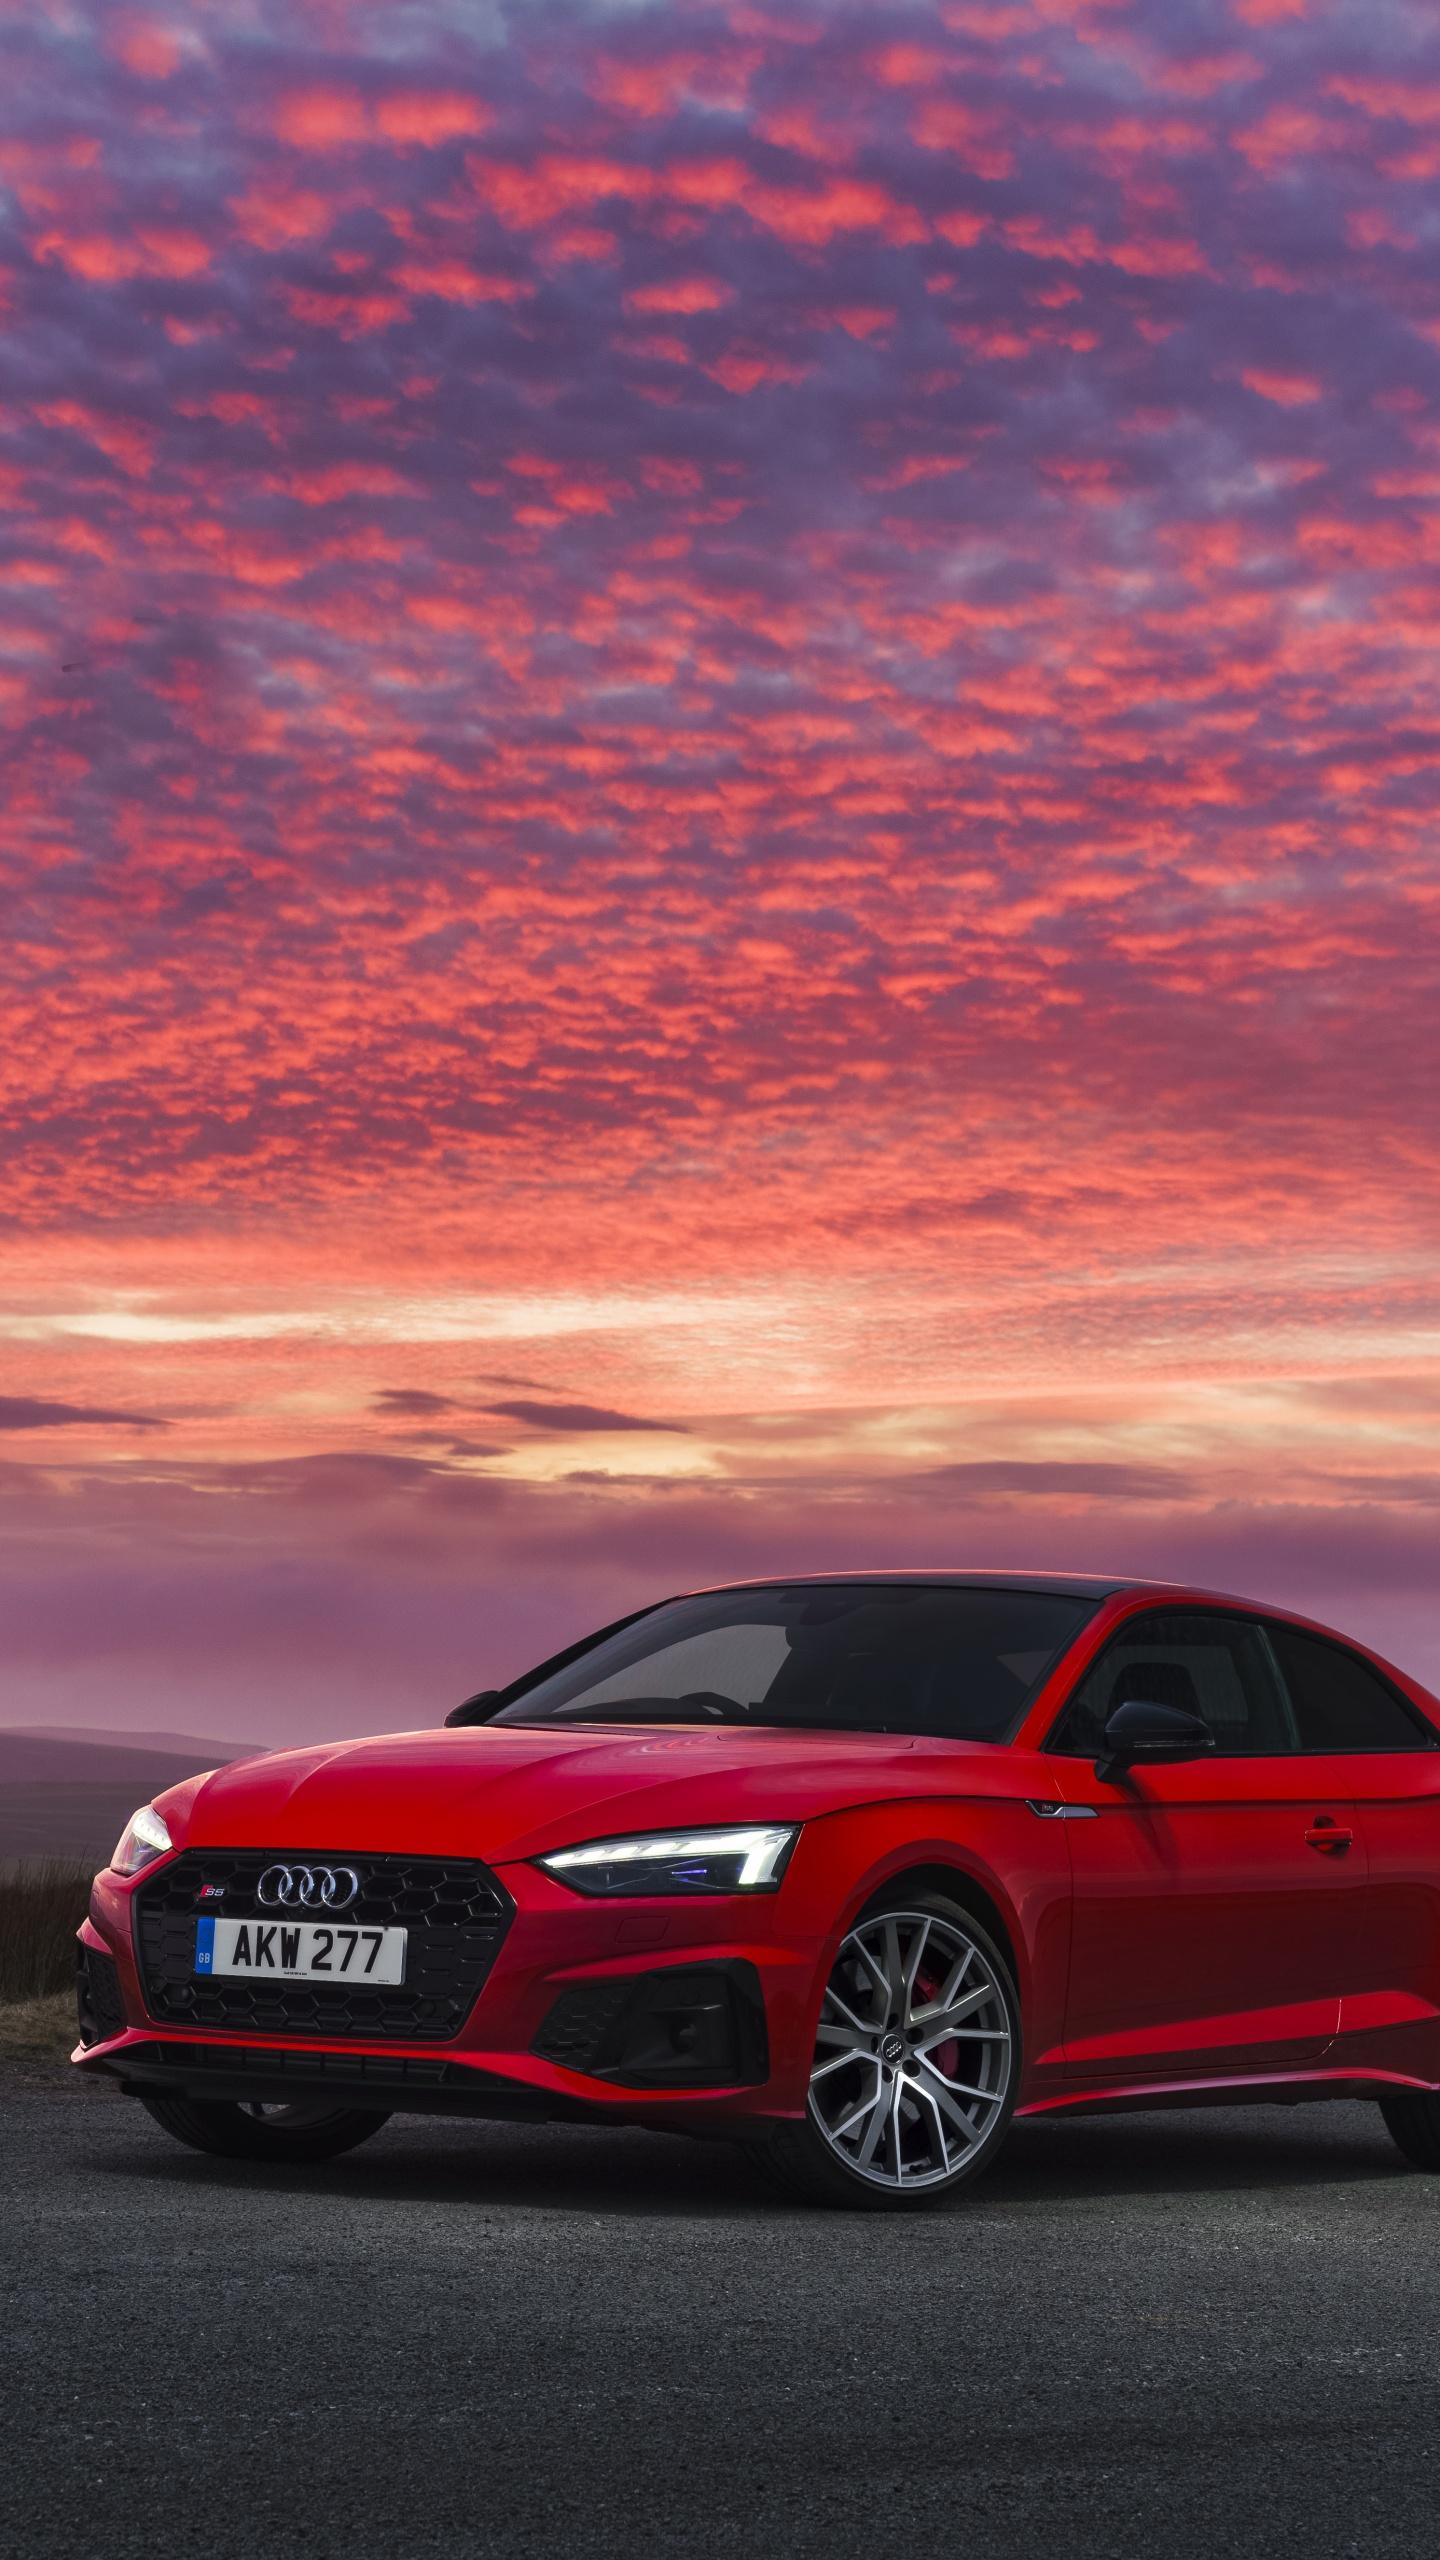 Audi S5 Coupe Tdi 4k Wallpaper 2020 5k 8k Cars 2492